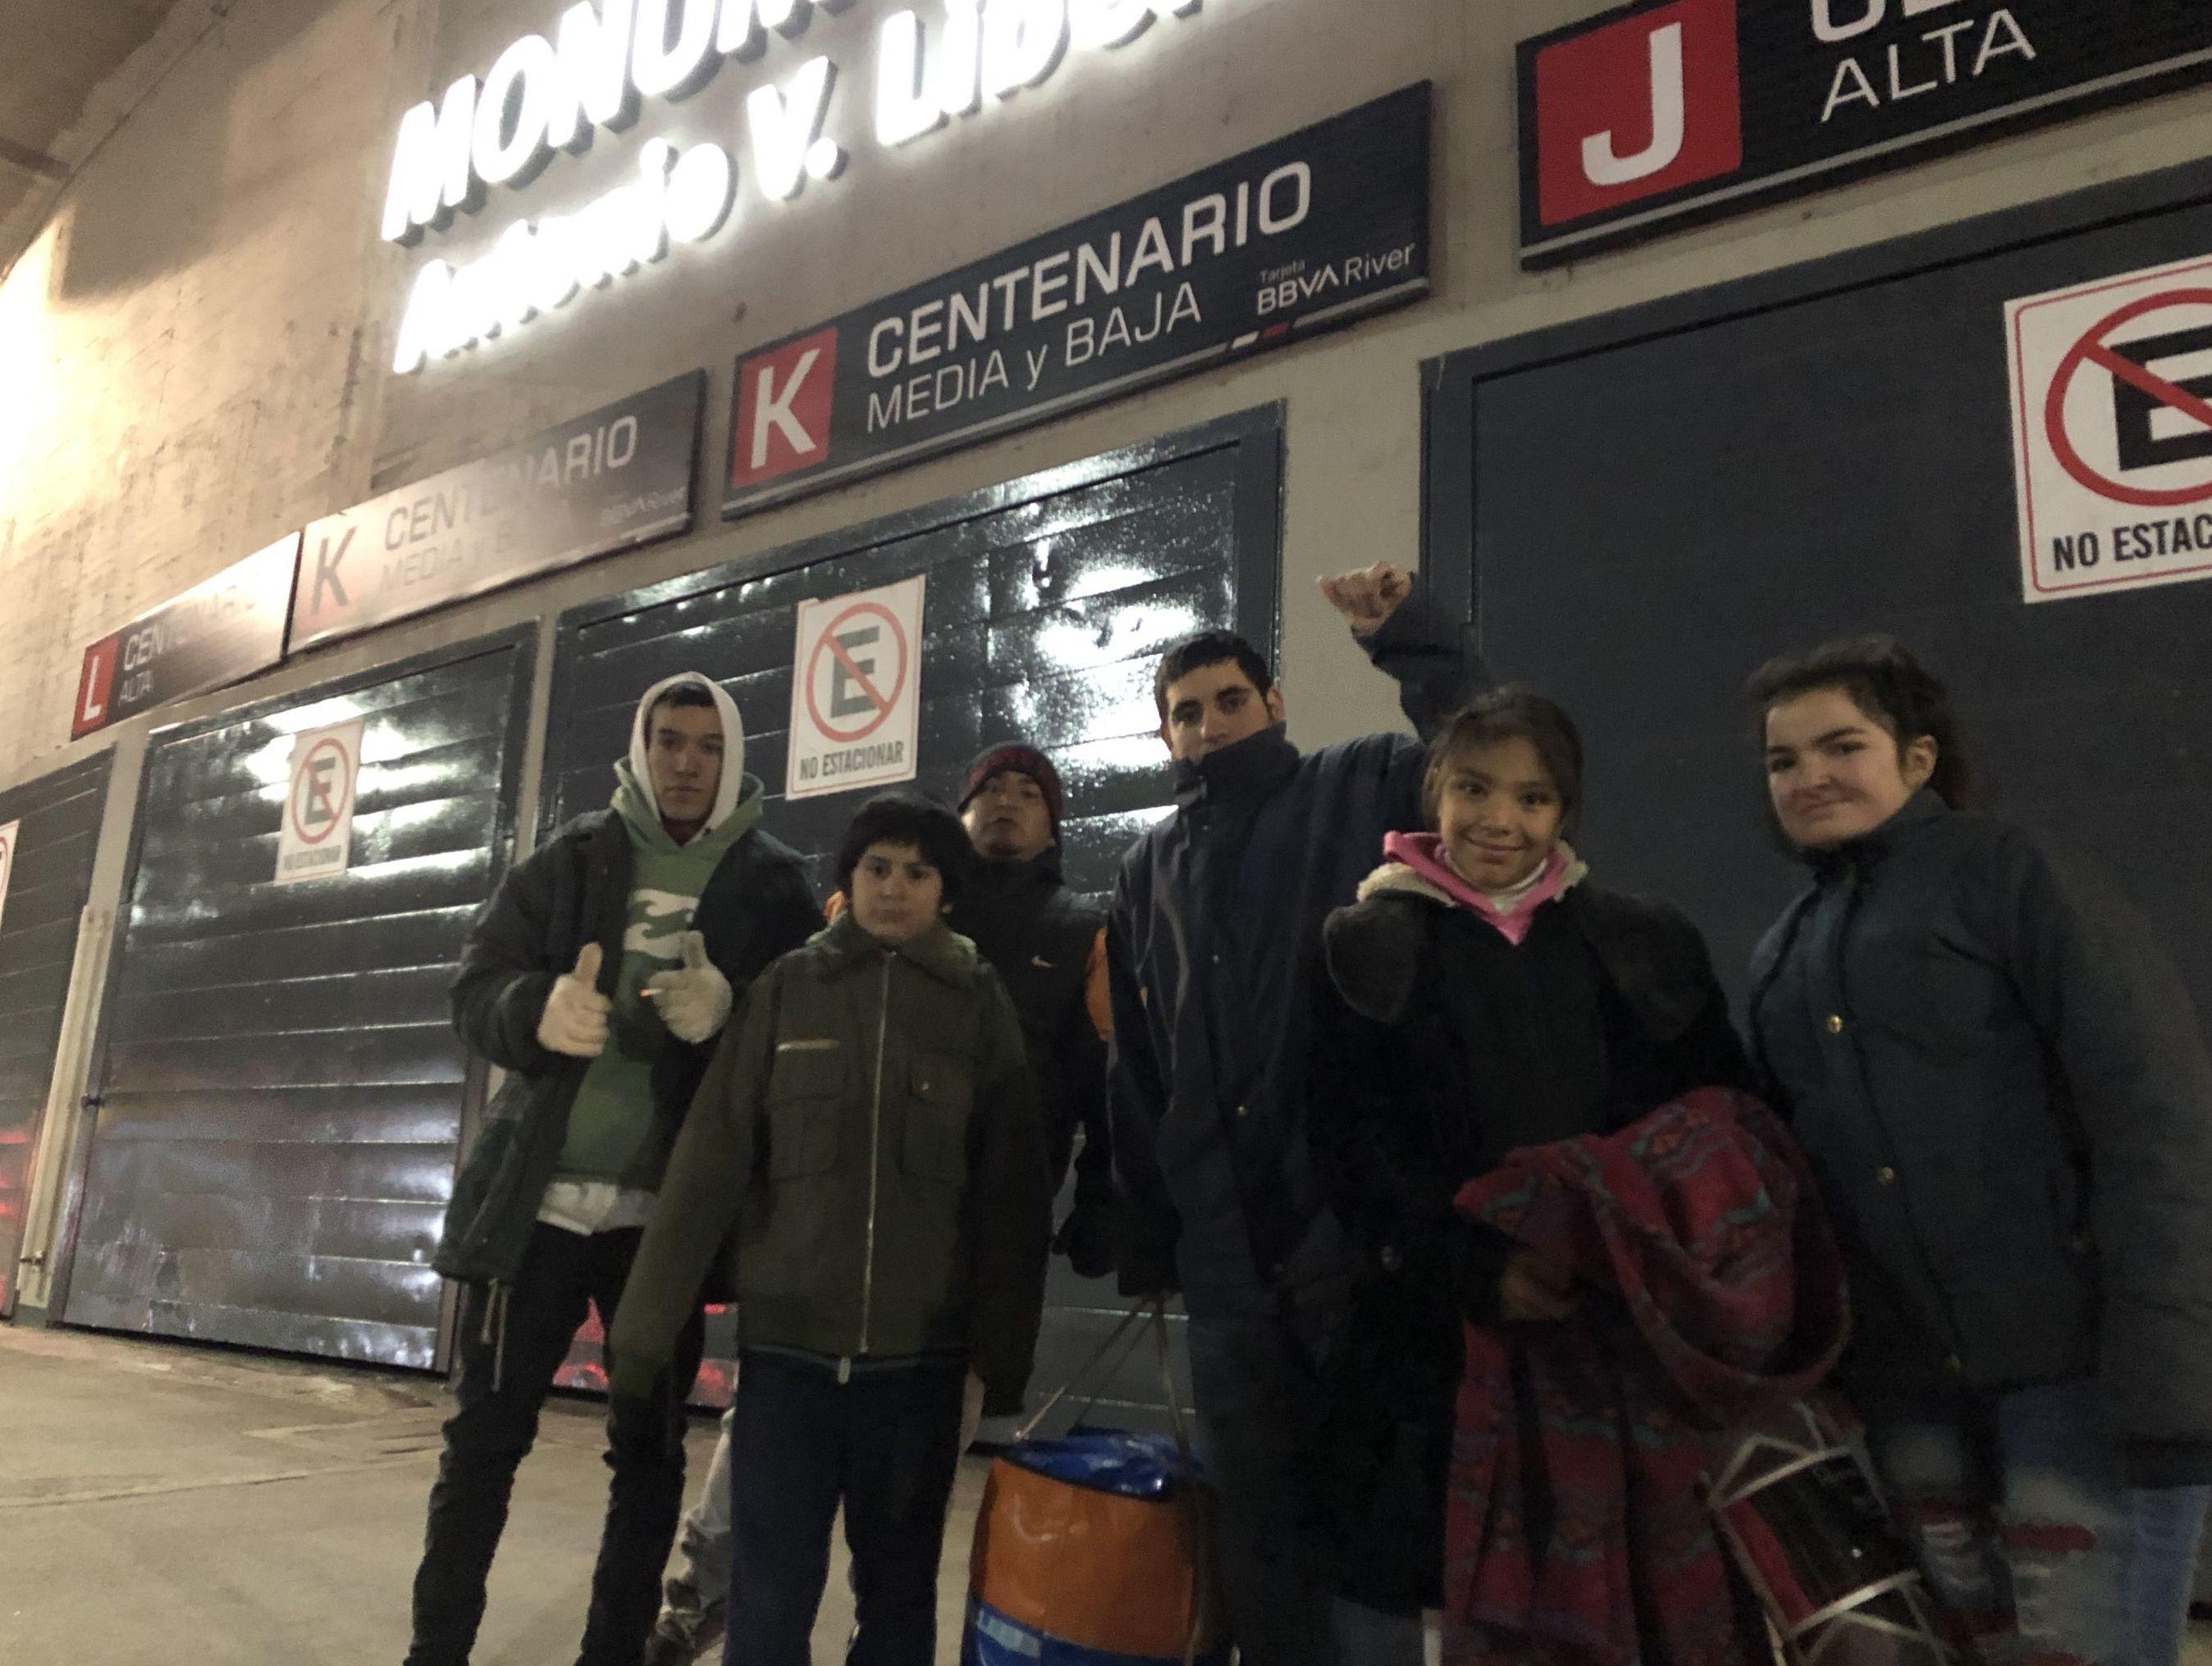 Una familia espera donaciones en las afueras del Estadio Monumental del River Plate en Buenos Aires